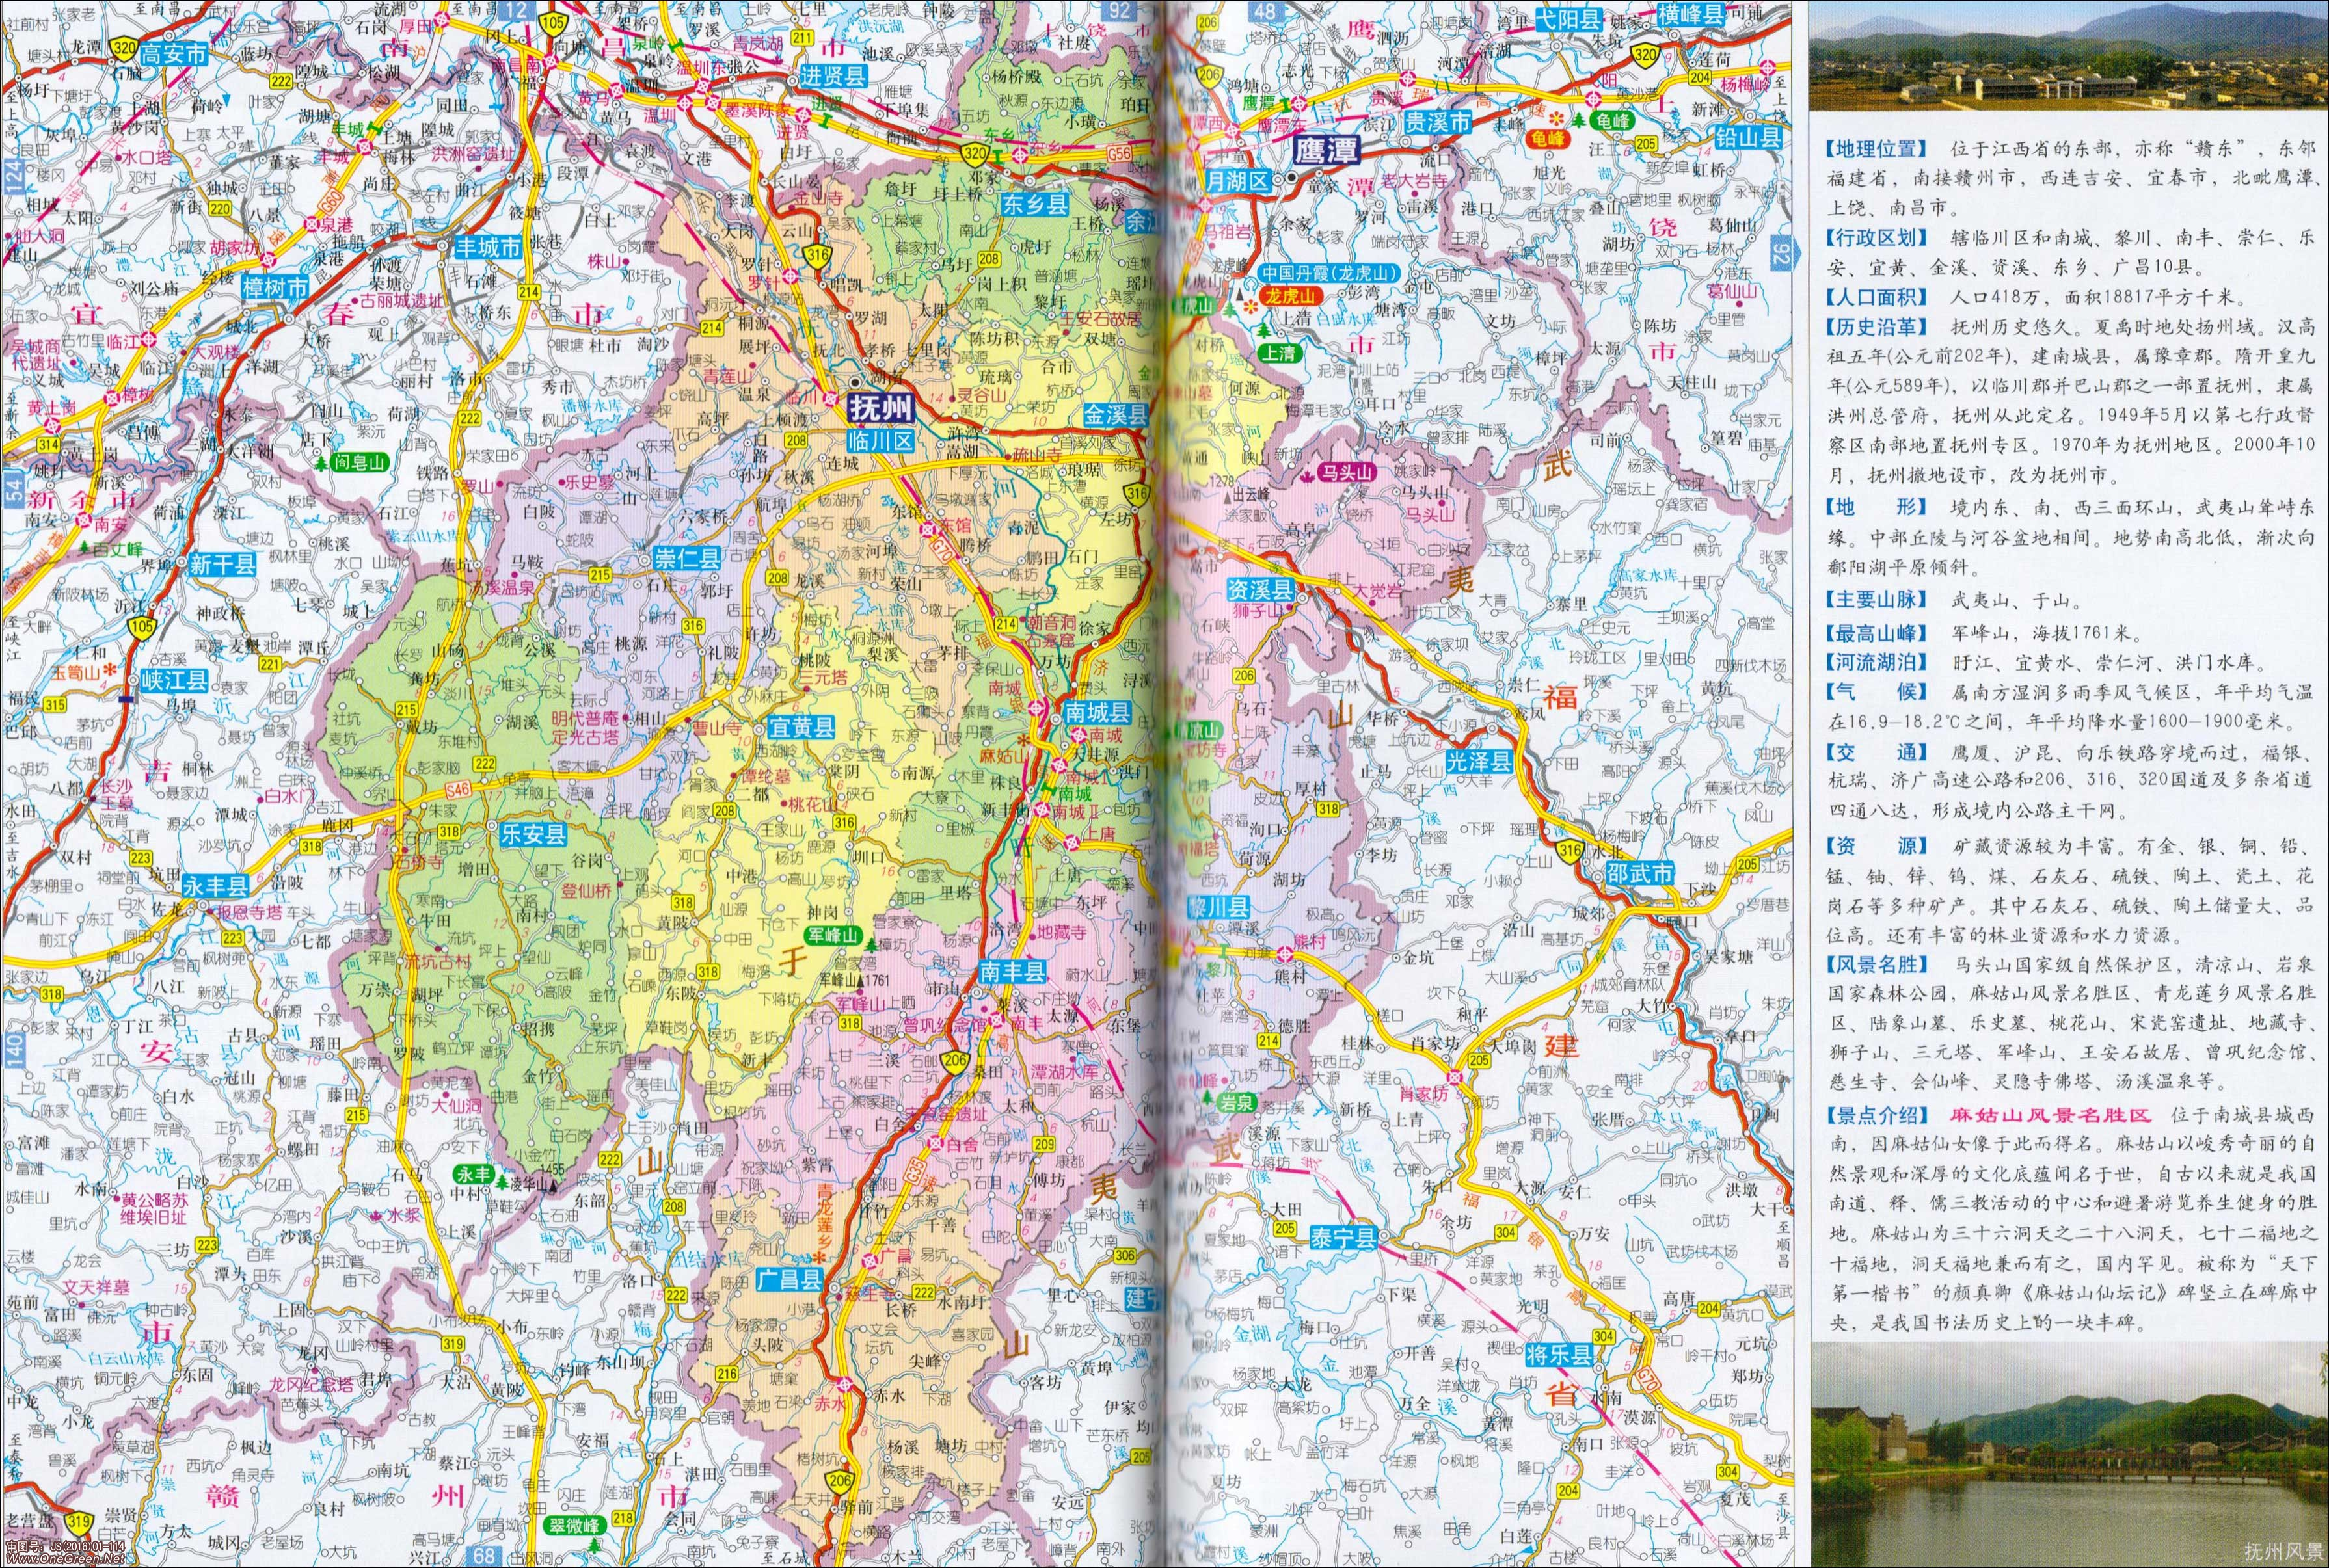 抚州市地图高清版